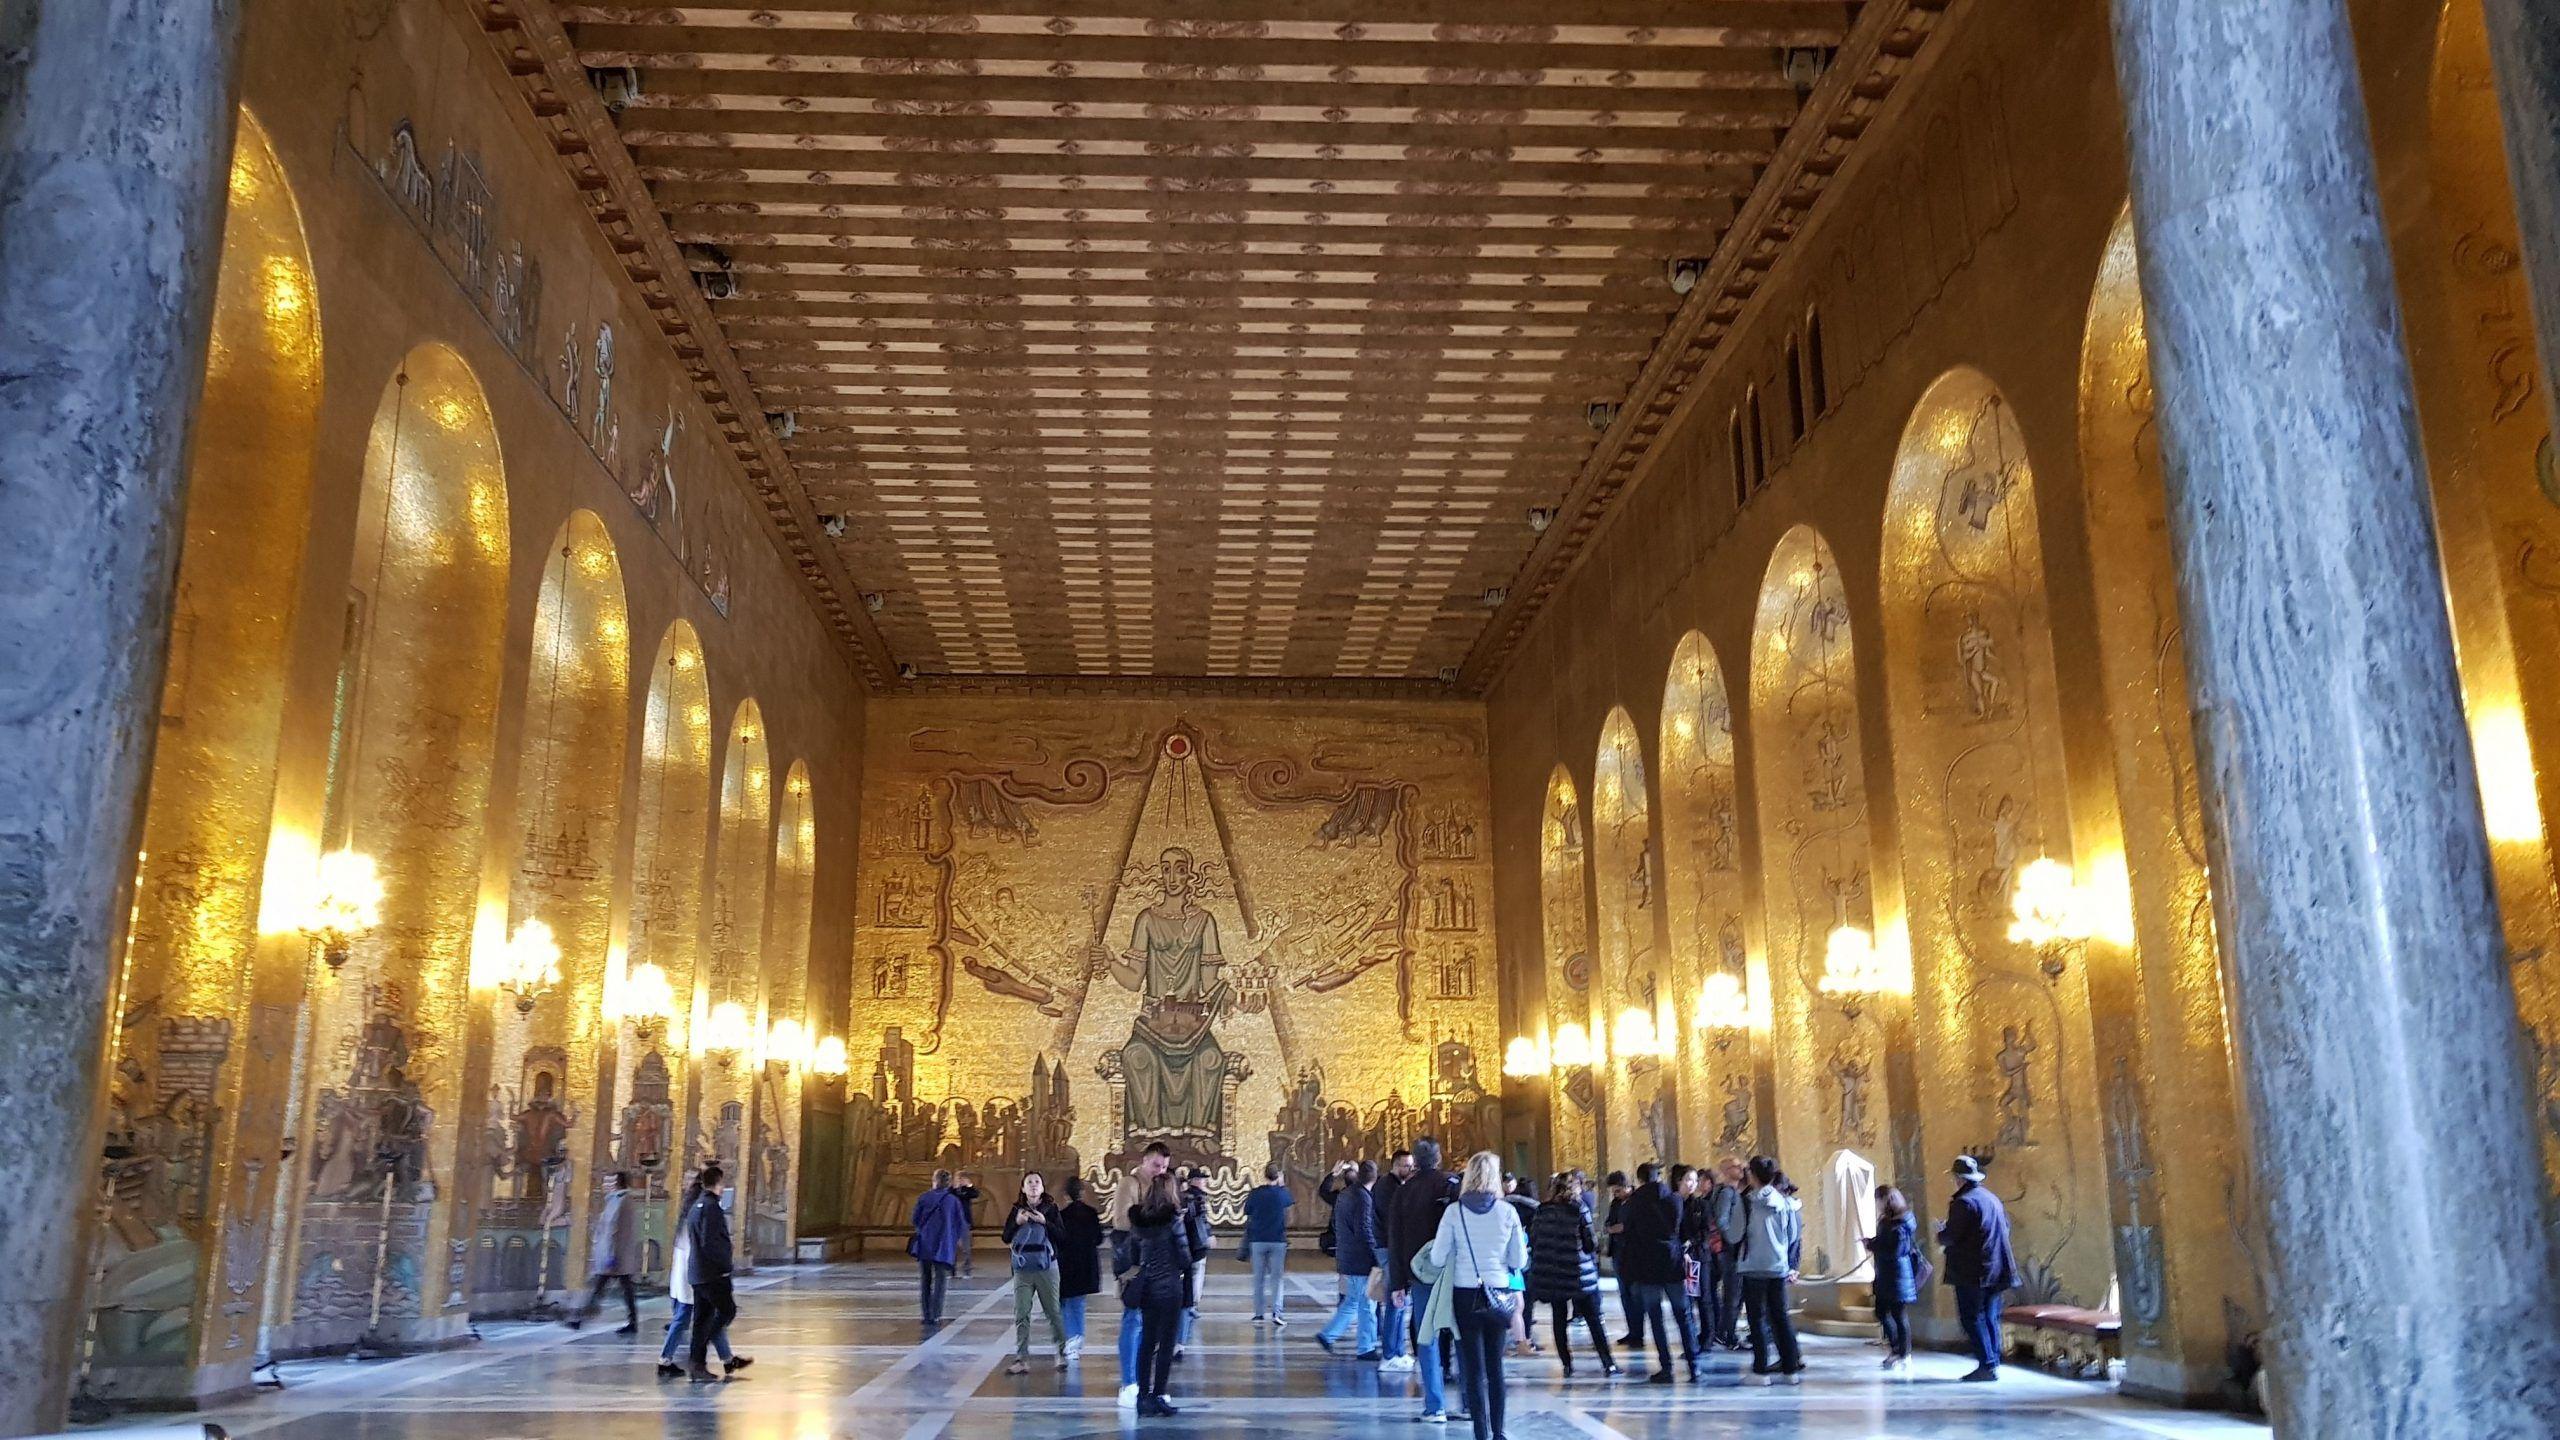 Sala dorada donde se representa en mosaicos la historia de Suecia.